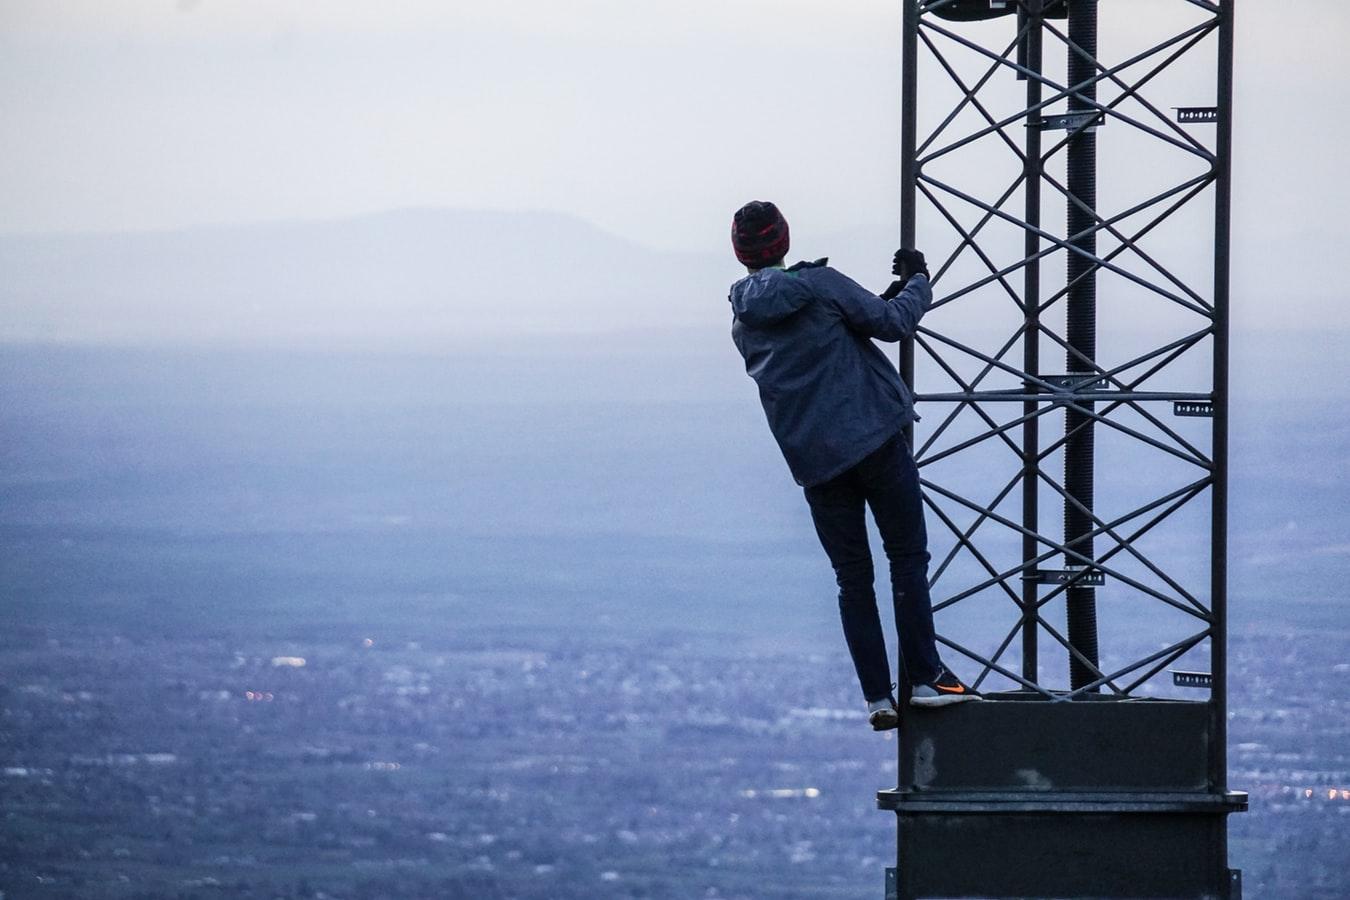 Wielka Brytania mo¿e zakazaæ 5G od Huawei ju¿ w przysz³ym roku